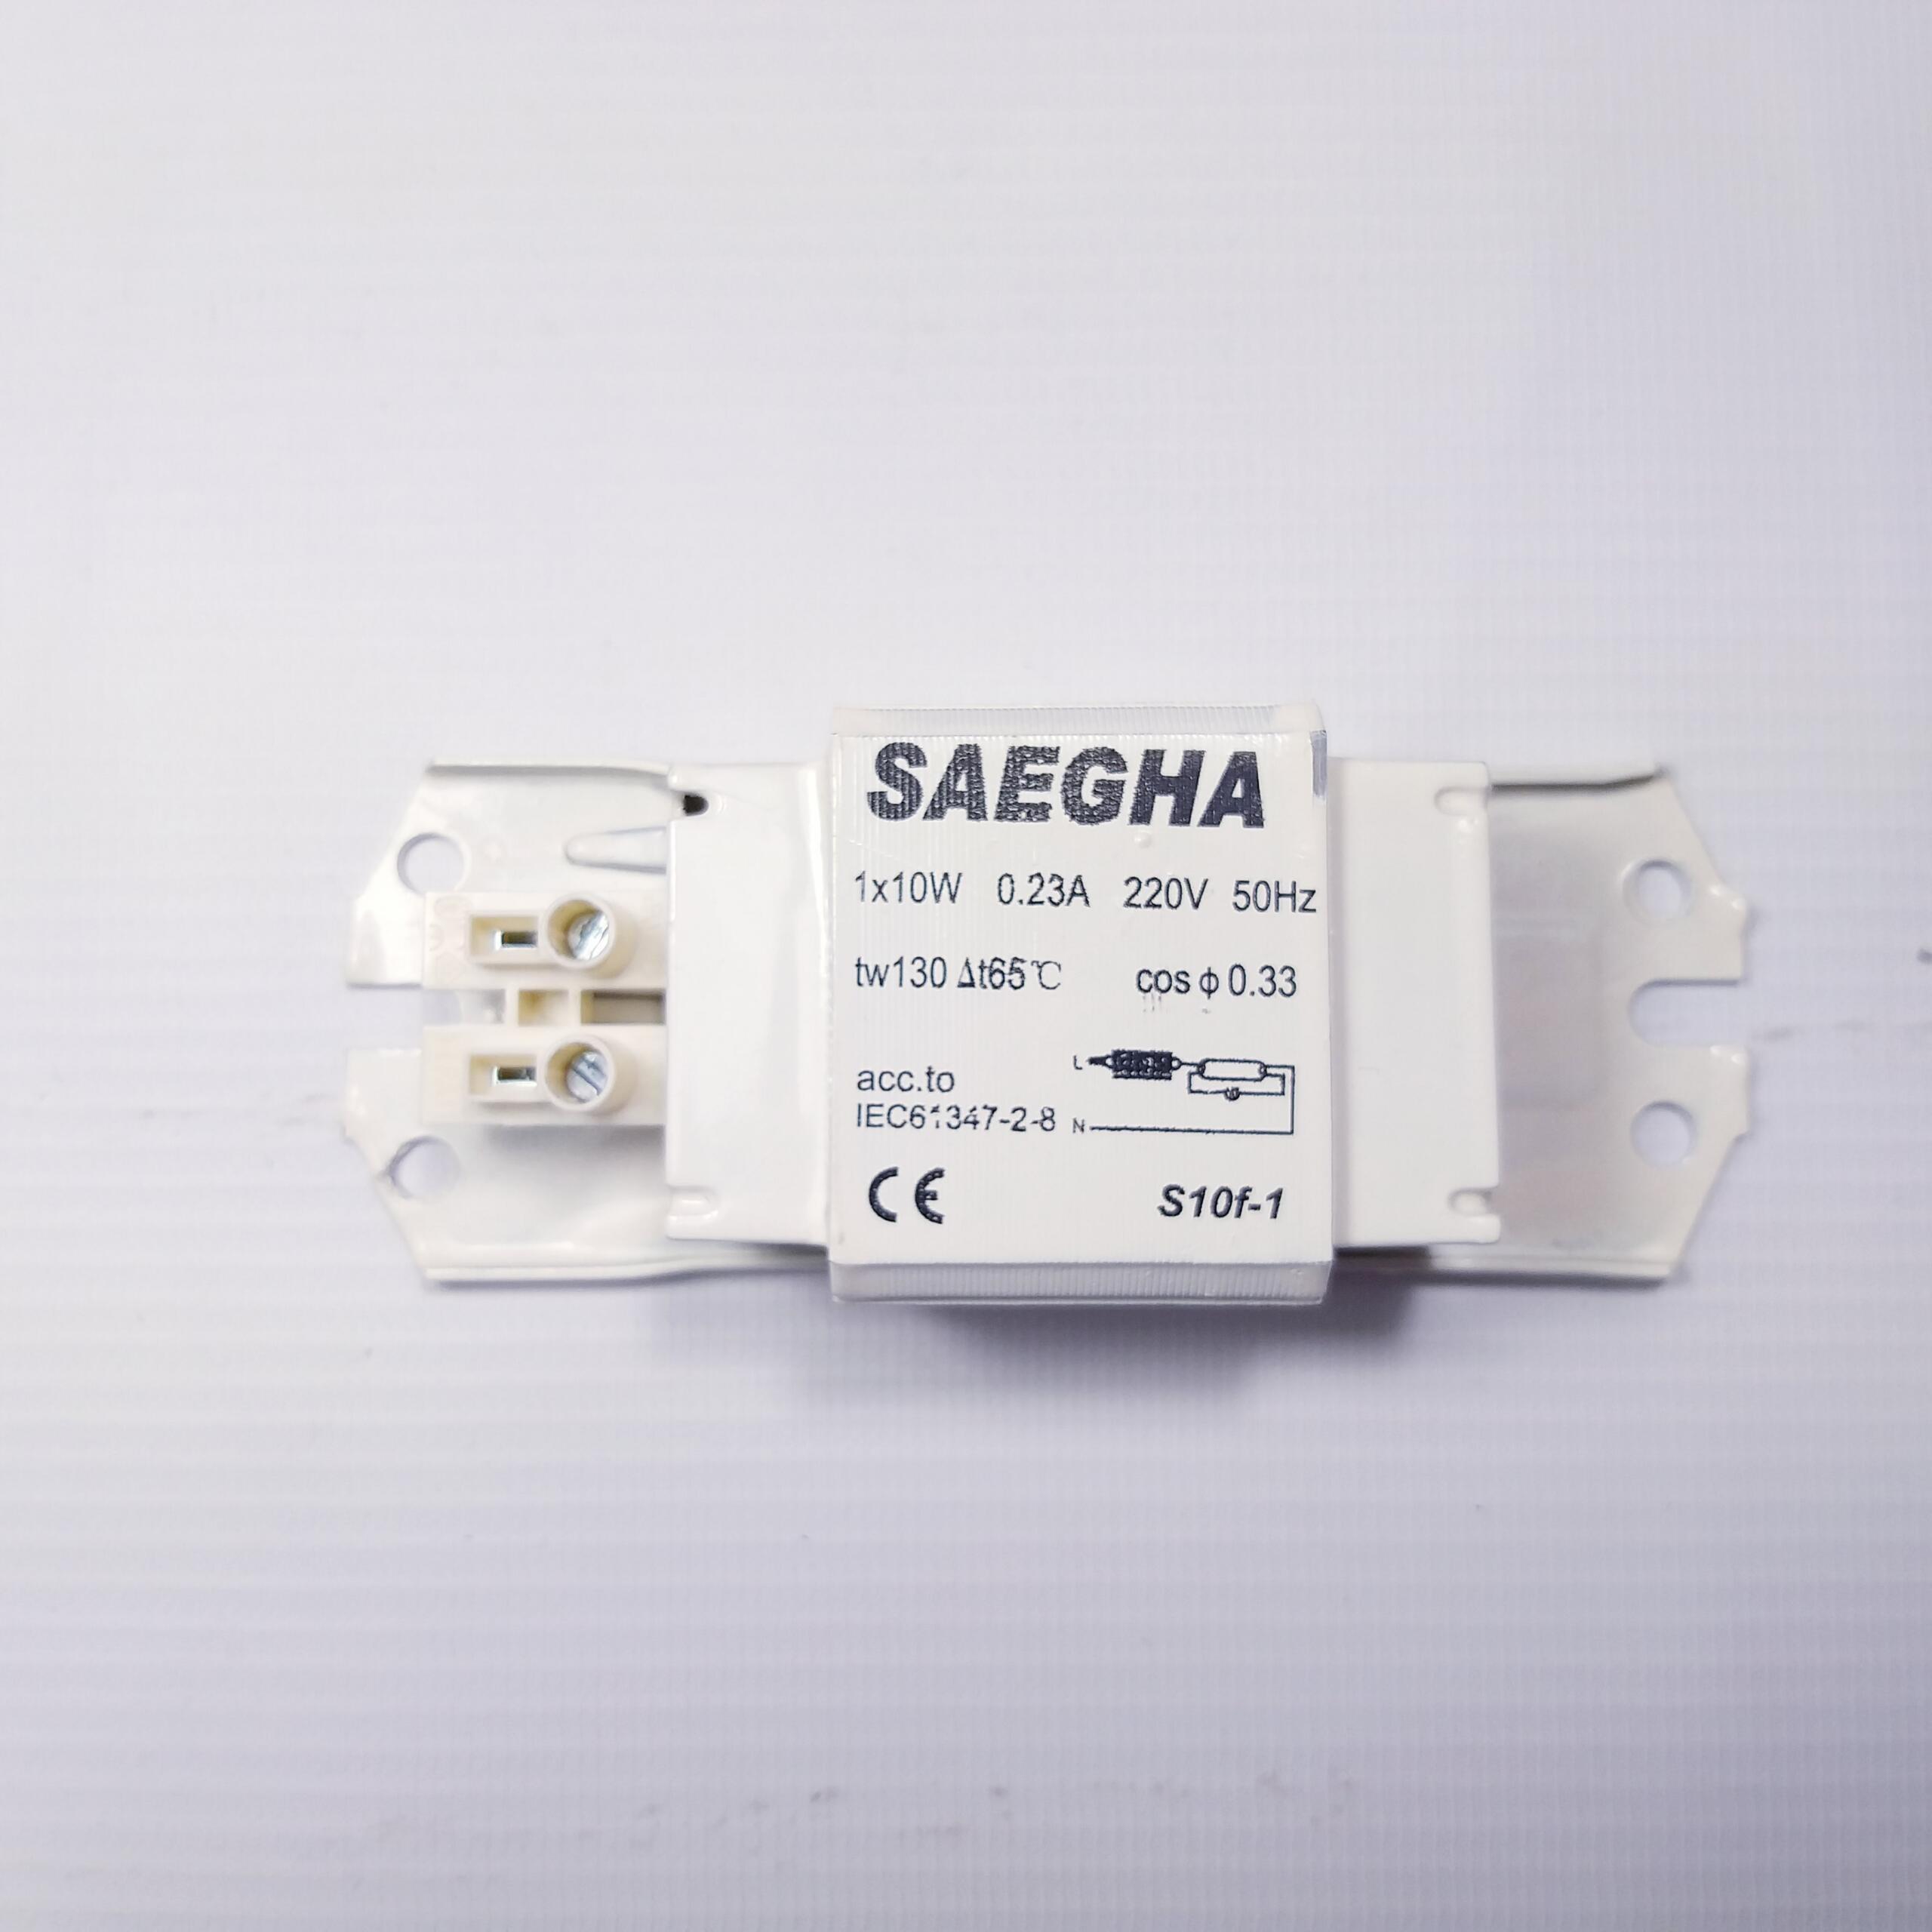 تصویر ترانس الکترونیکی صاعقه مدل ۱۰w